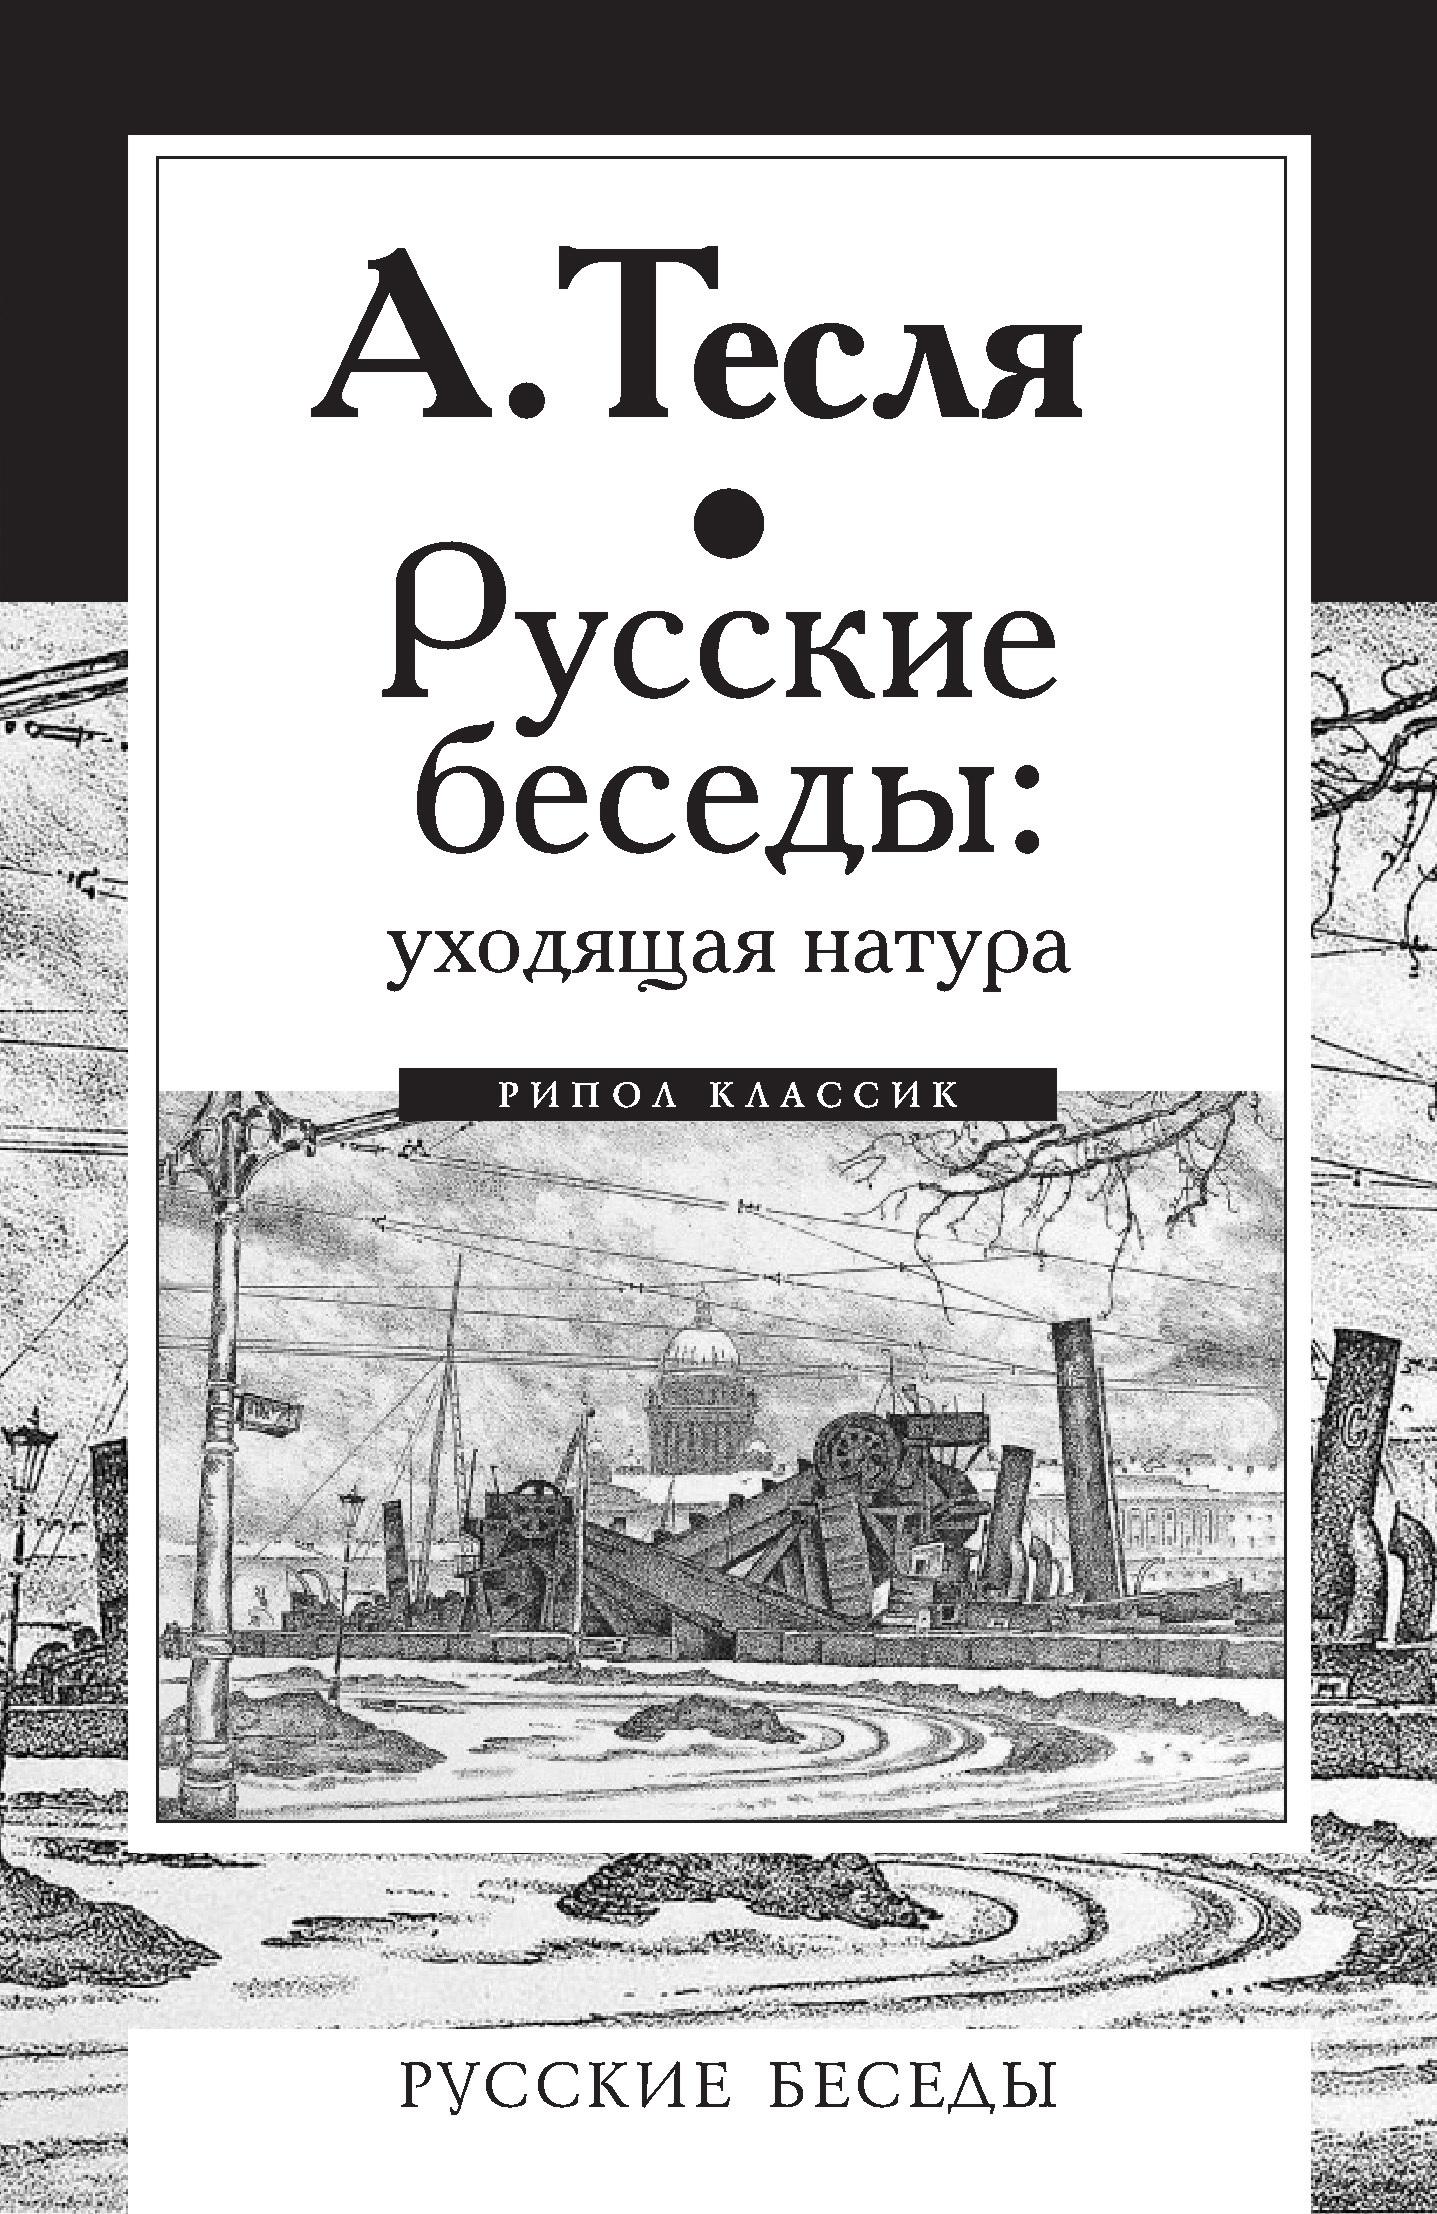 Русские беседы: уходящая натура